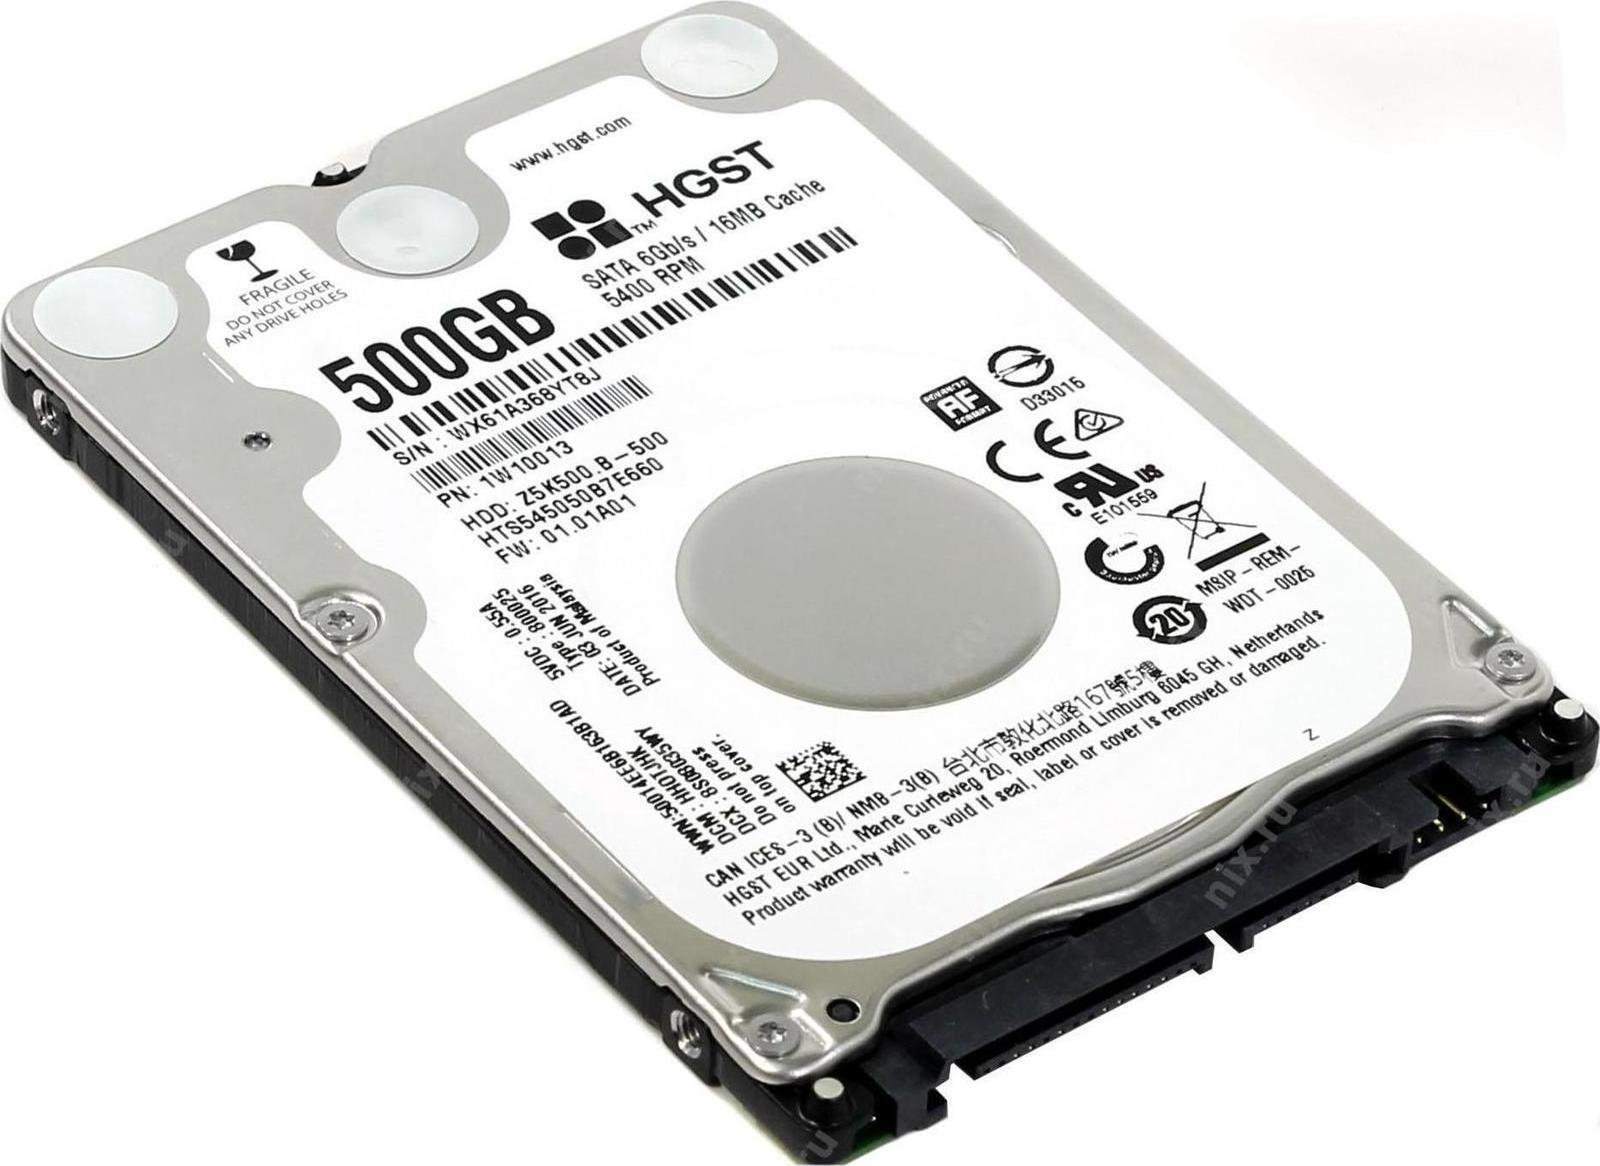 ΔΙΣΚΟΣ HDD HGST 500GB 2.5″ (USED)